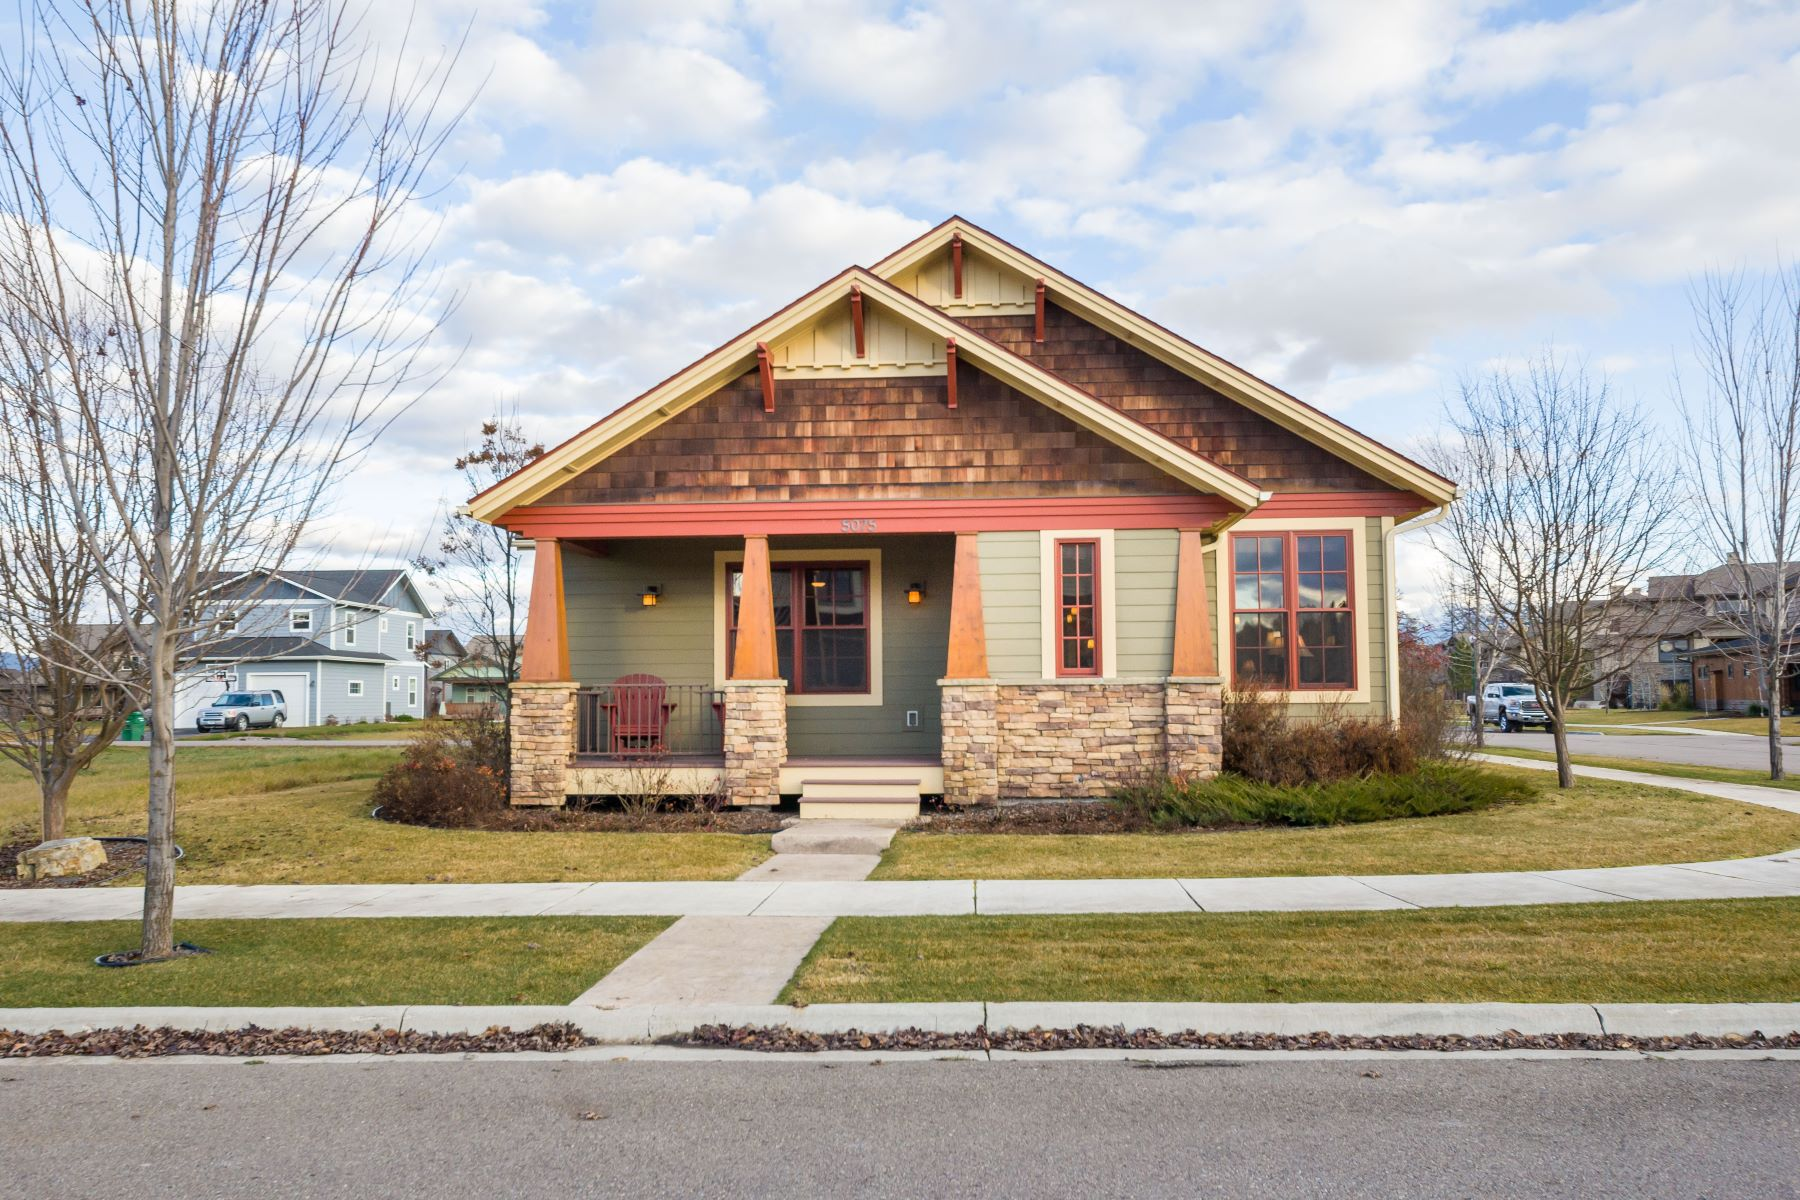 Casa Unifamiliar por un Venta en 5075 Portage Way , Whitefish, MT 59937 5075 Portage Way Whitefish, Montana, 59937 Estados Unidos